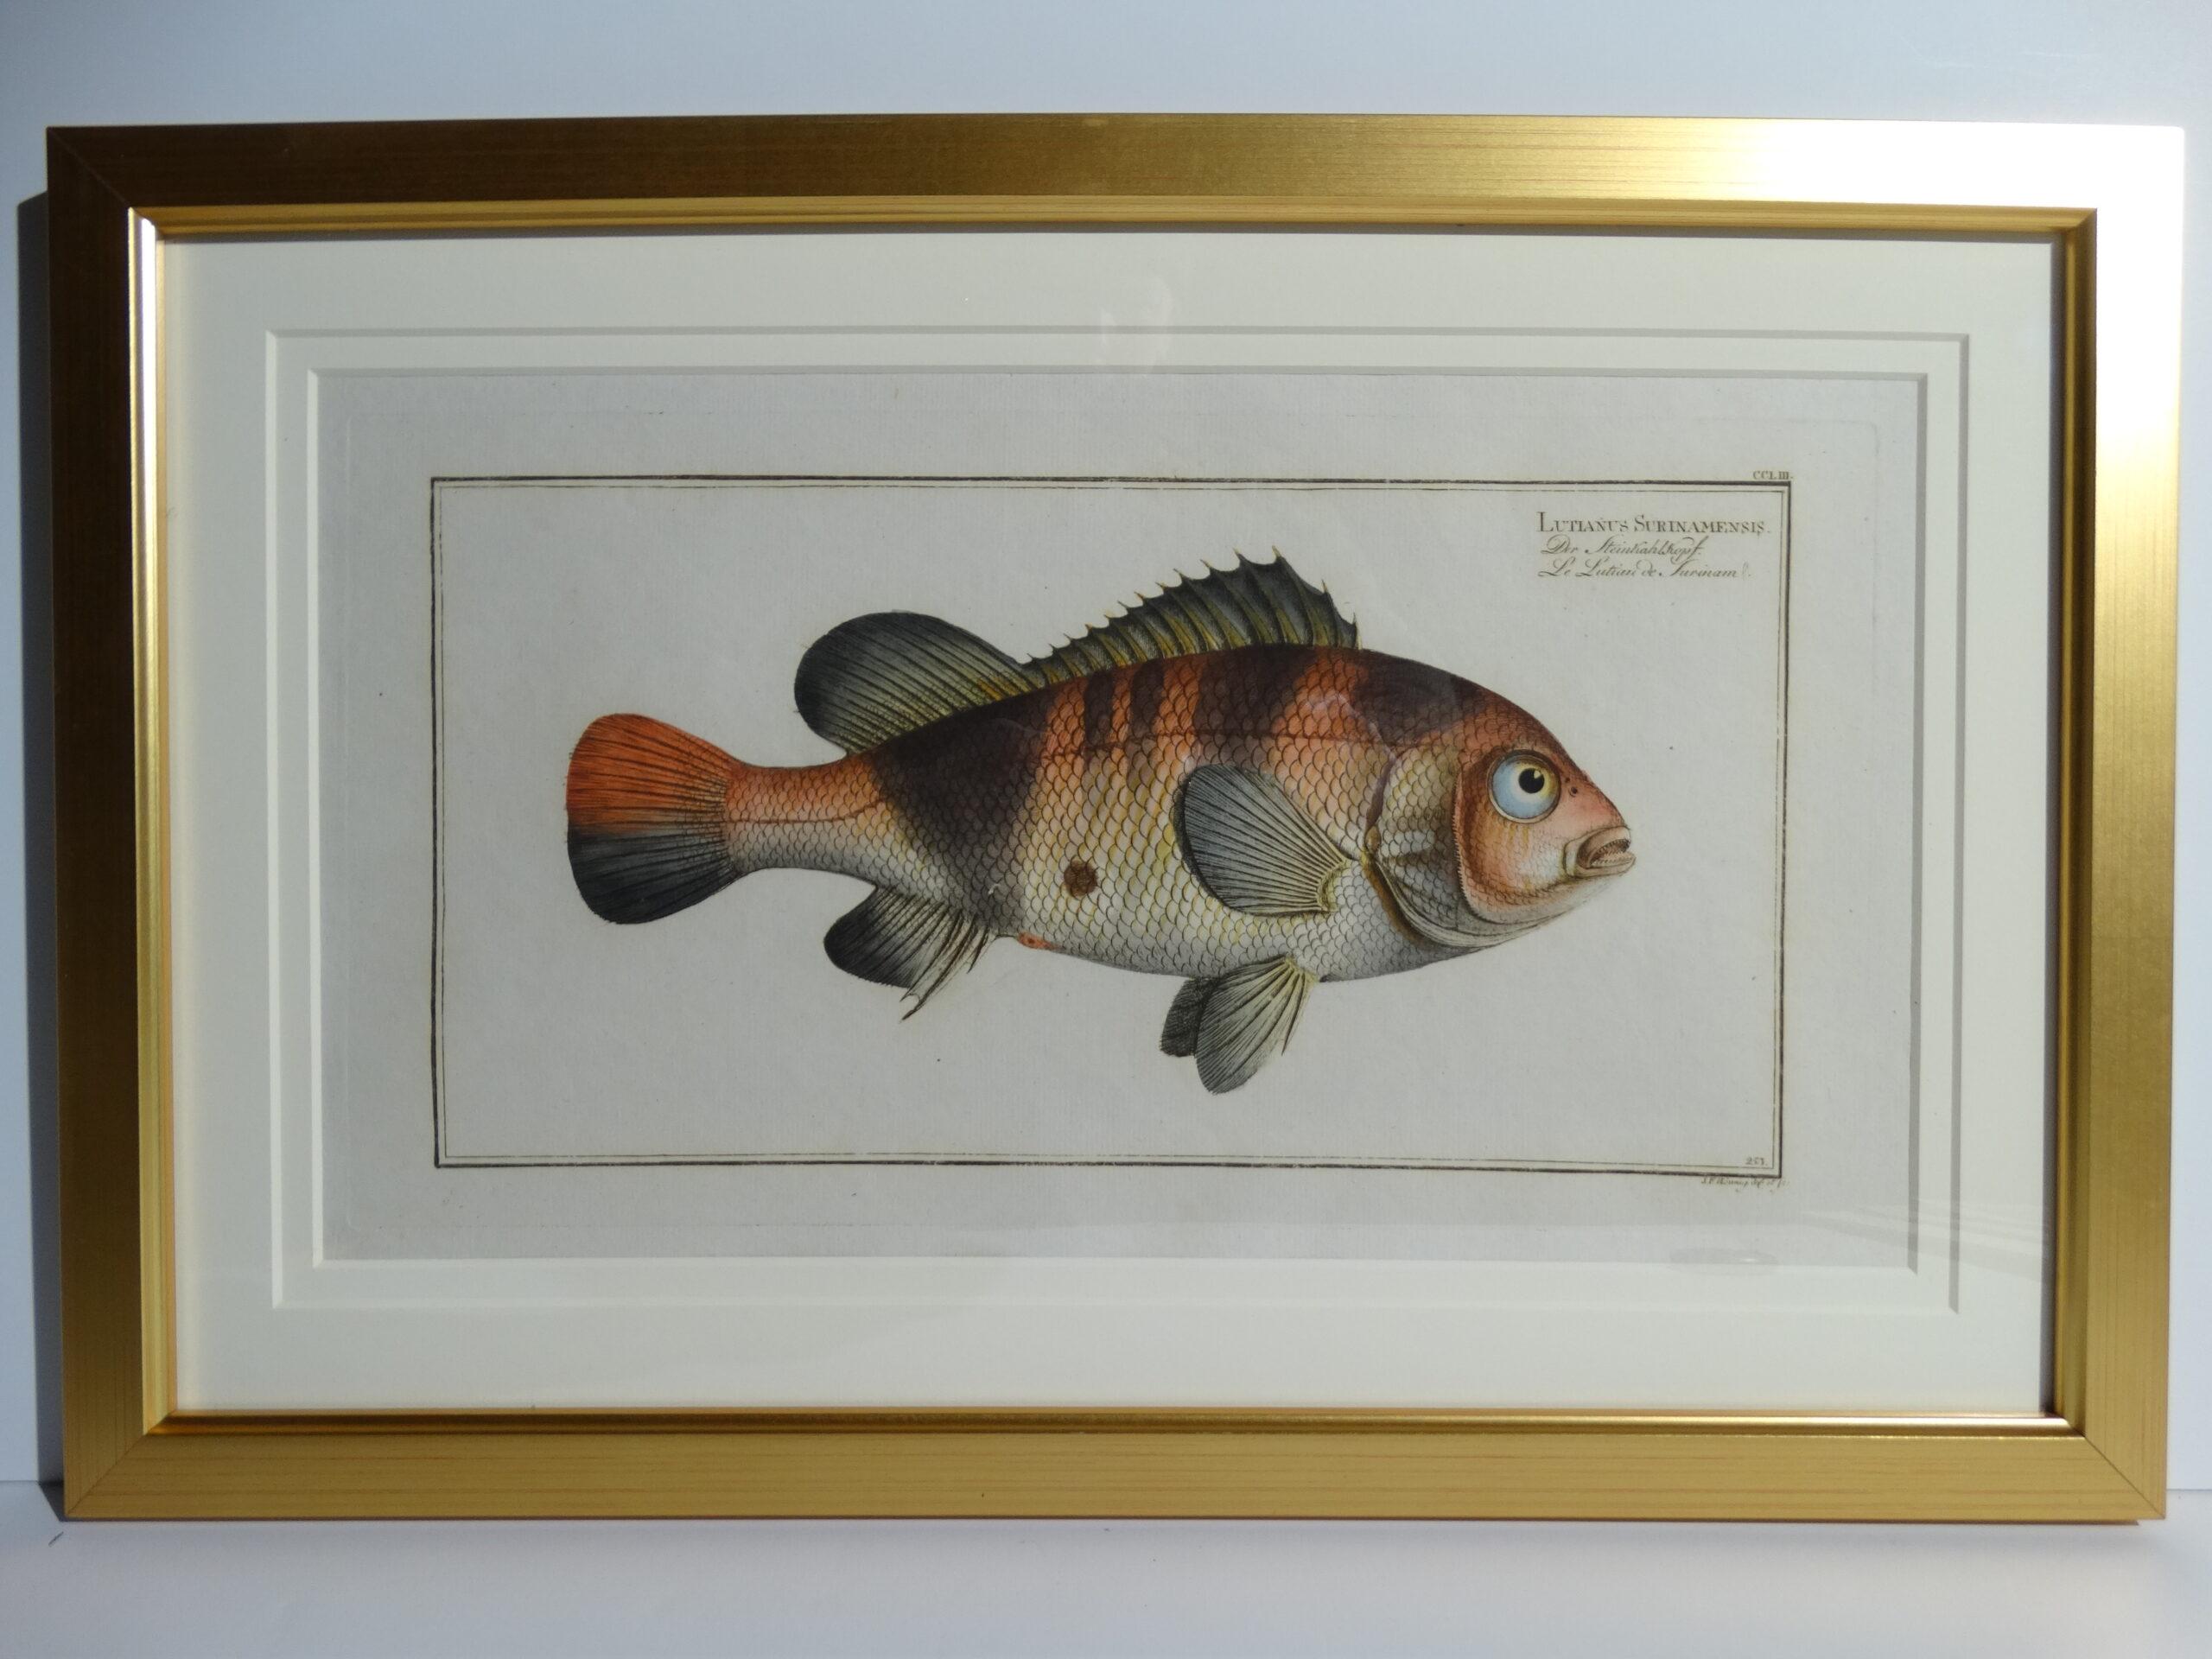 Bloch Fish Engraving Framed5